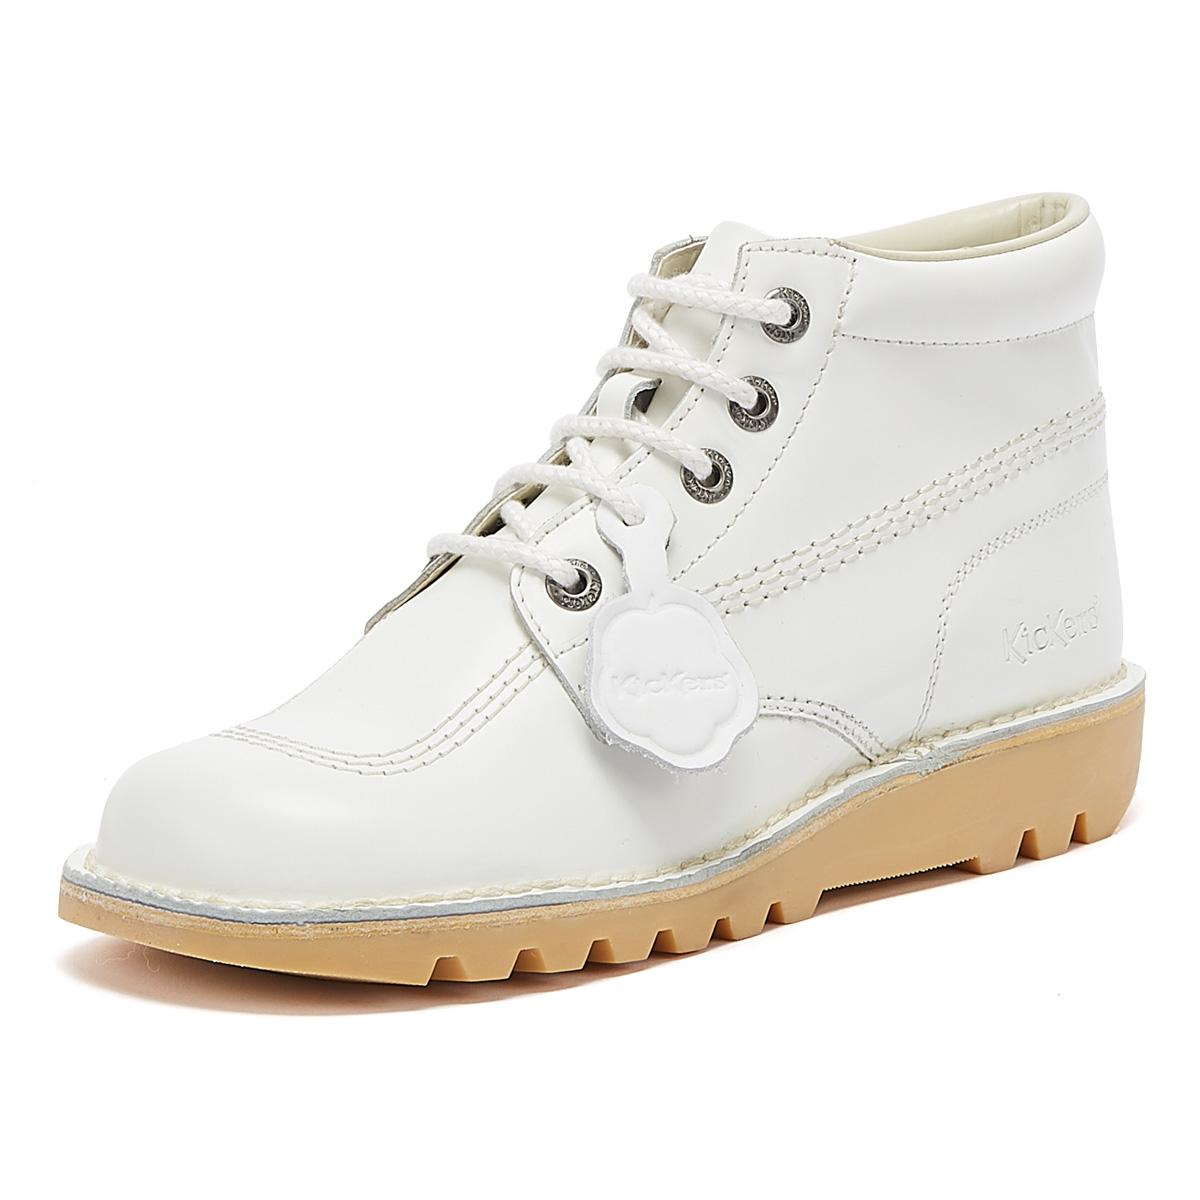 Kickers Kick Hi White Leather Boots